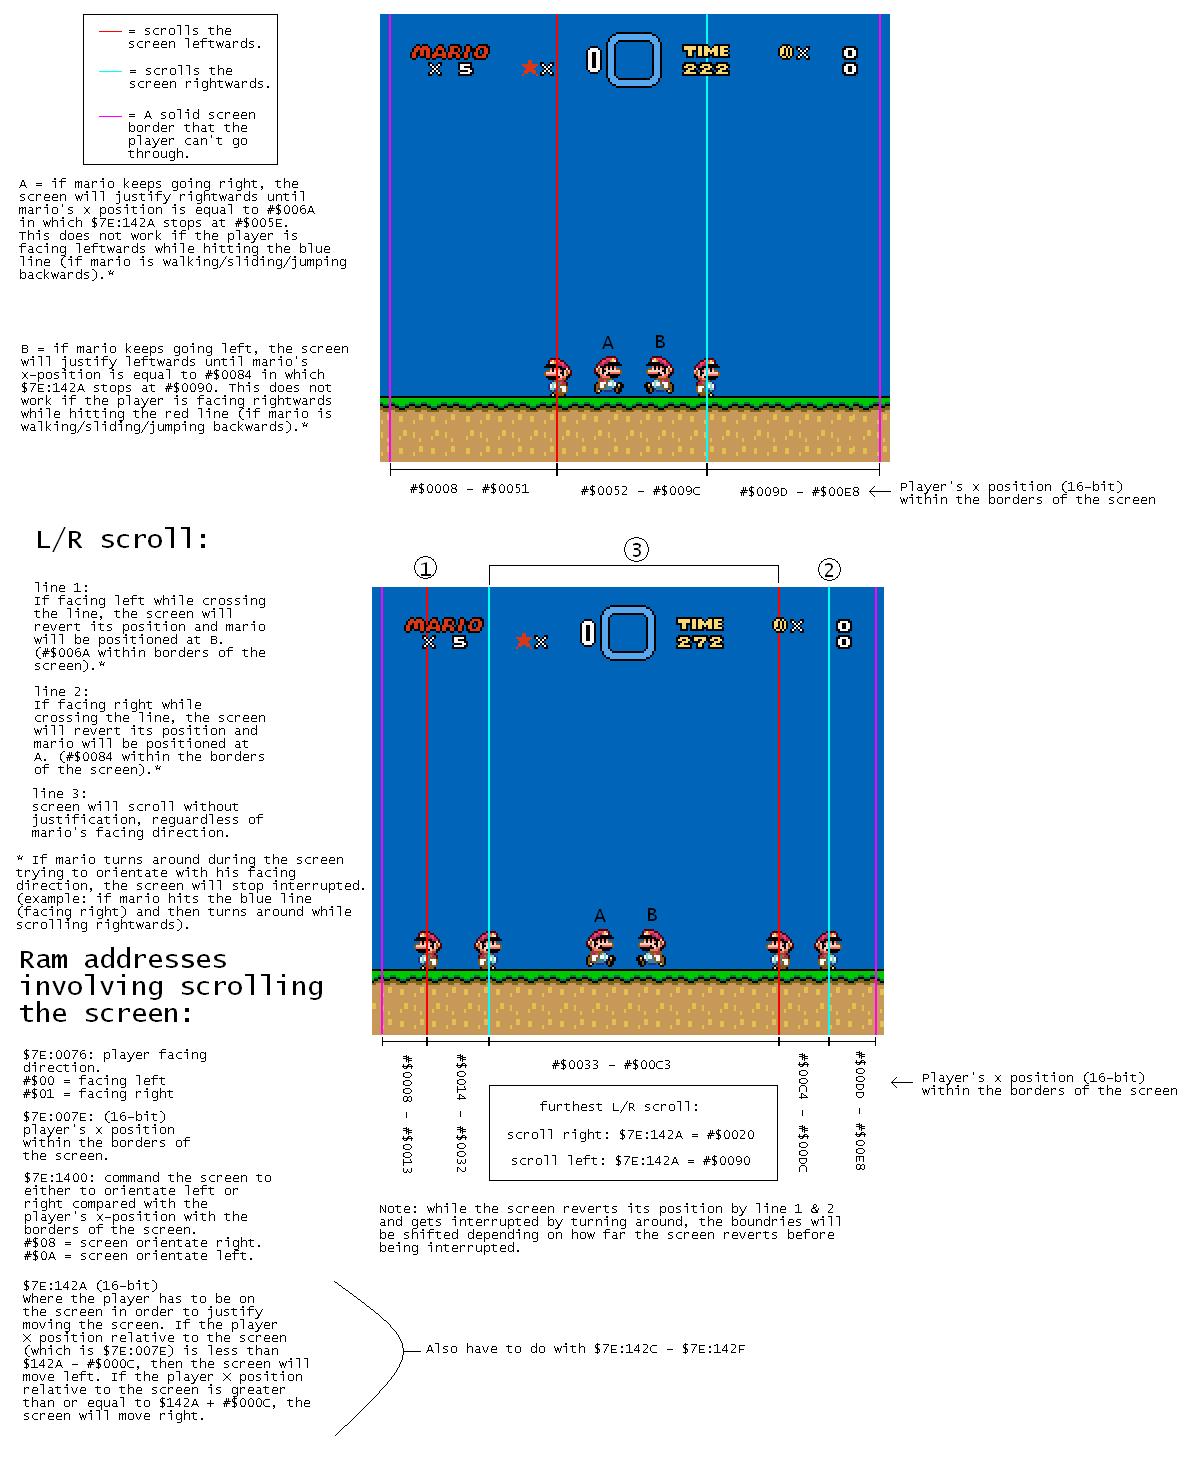 Helpful Diagrams - SMW Data Repository - SMW Central